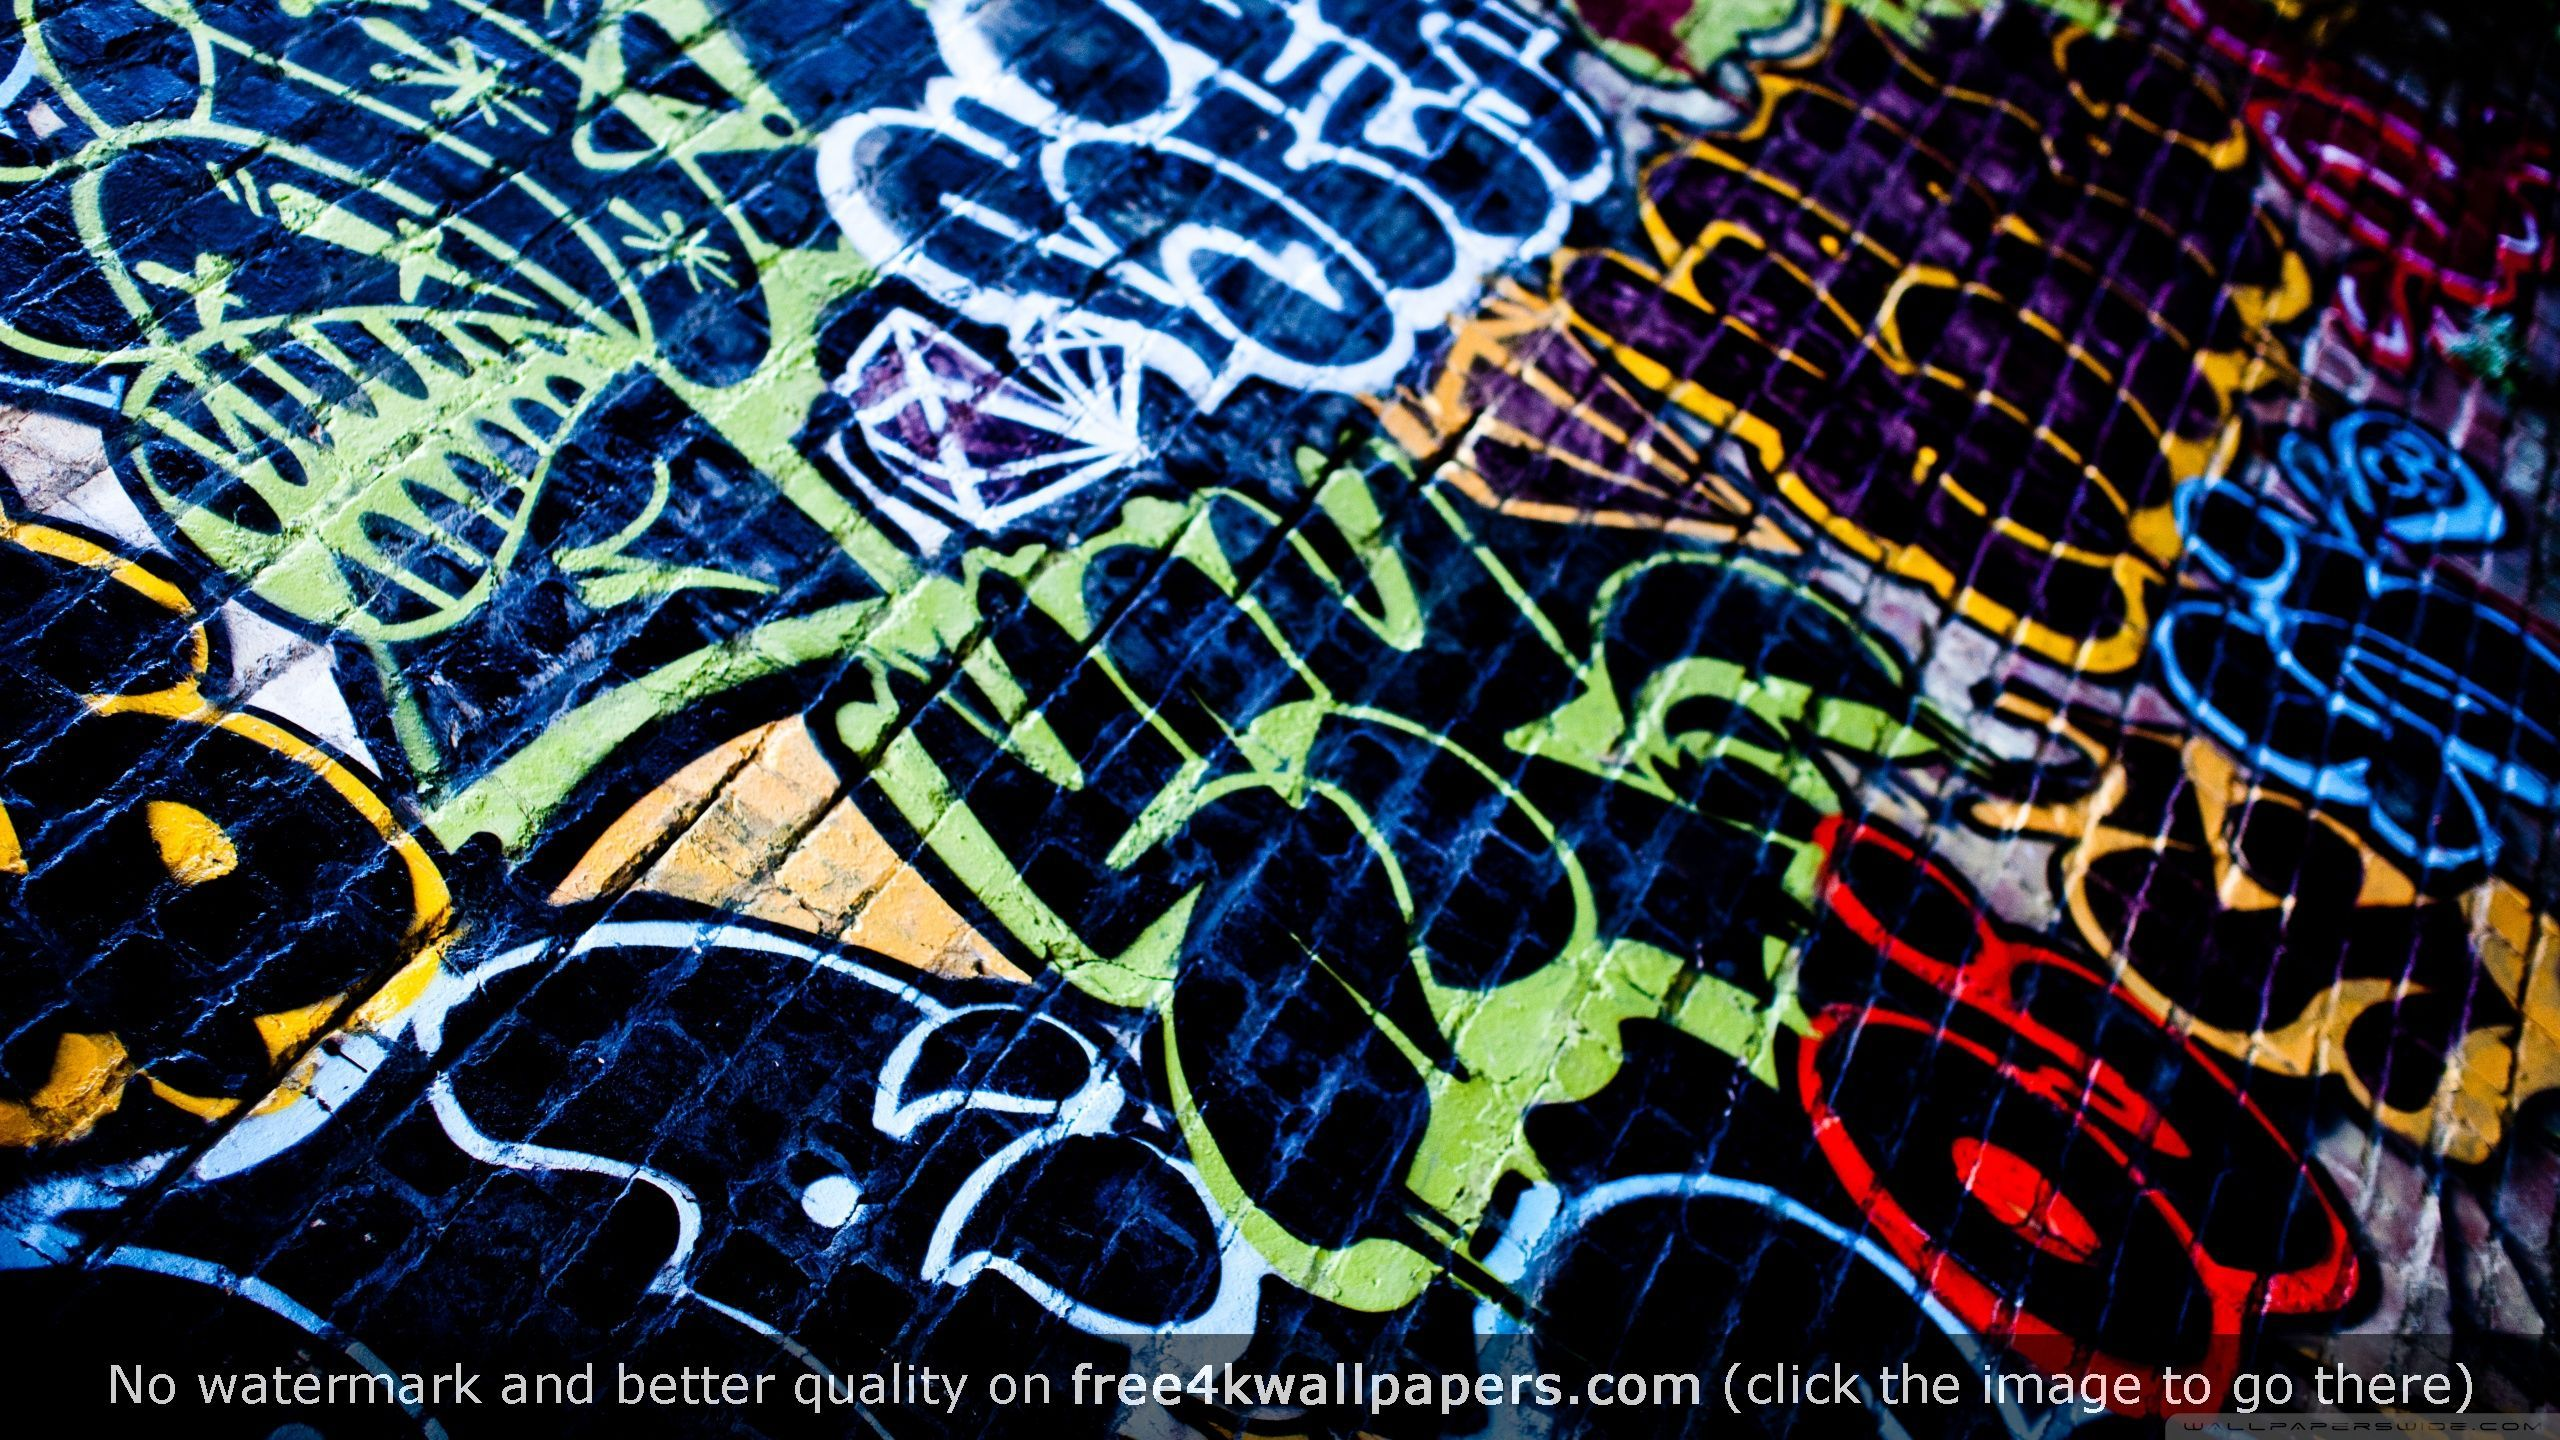 Graffitis Hip Hop Wallpapers hd Hip Hop Graffiti Wallpaper 2560x1440